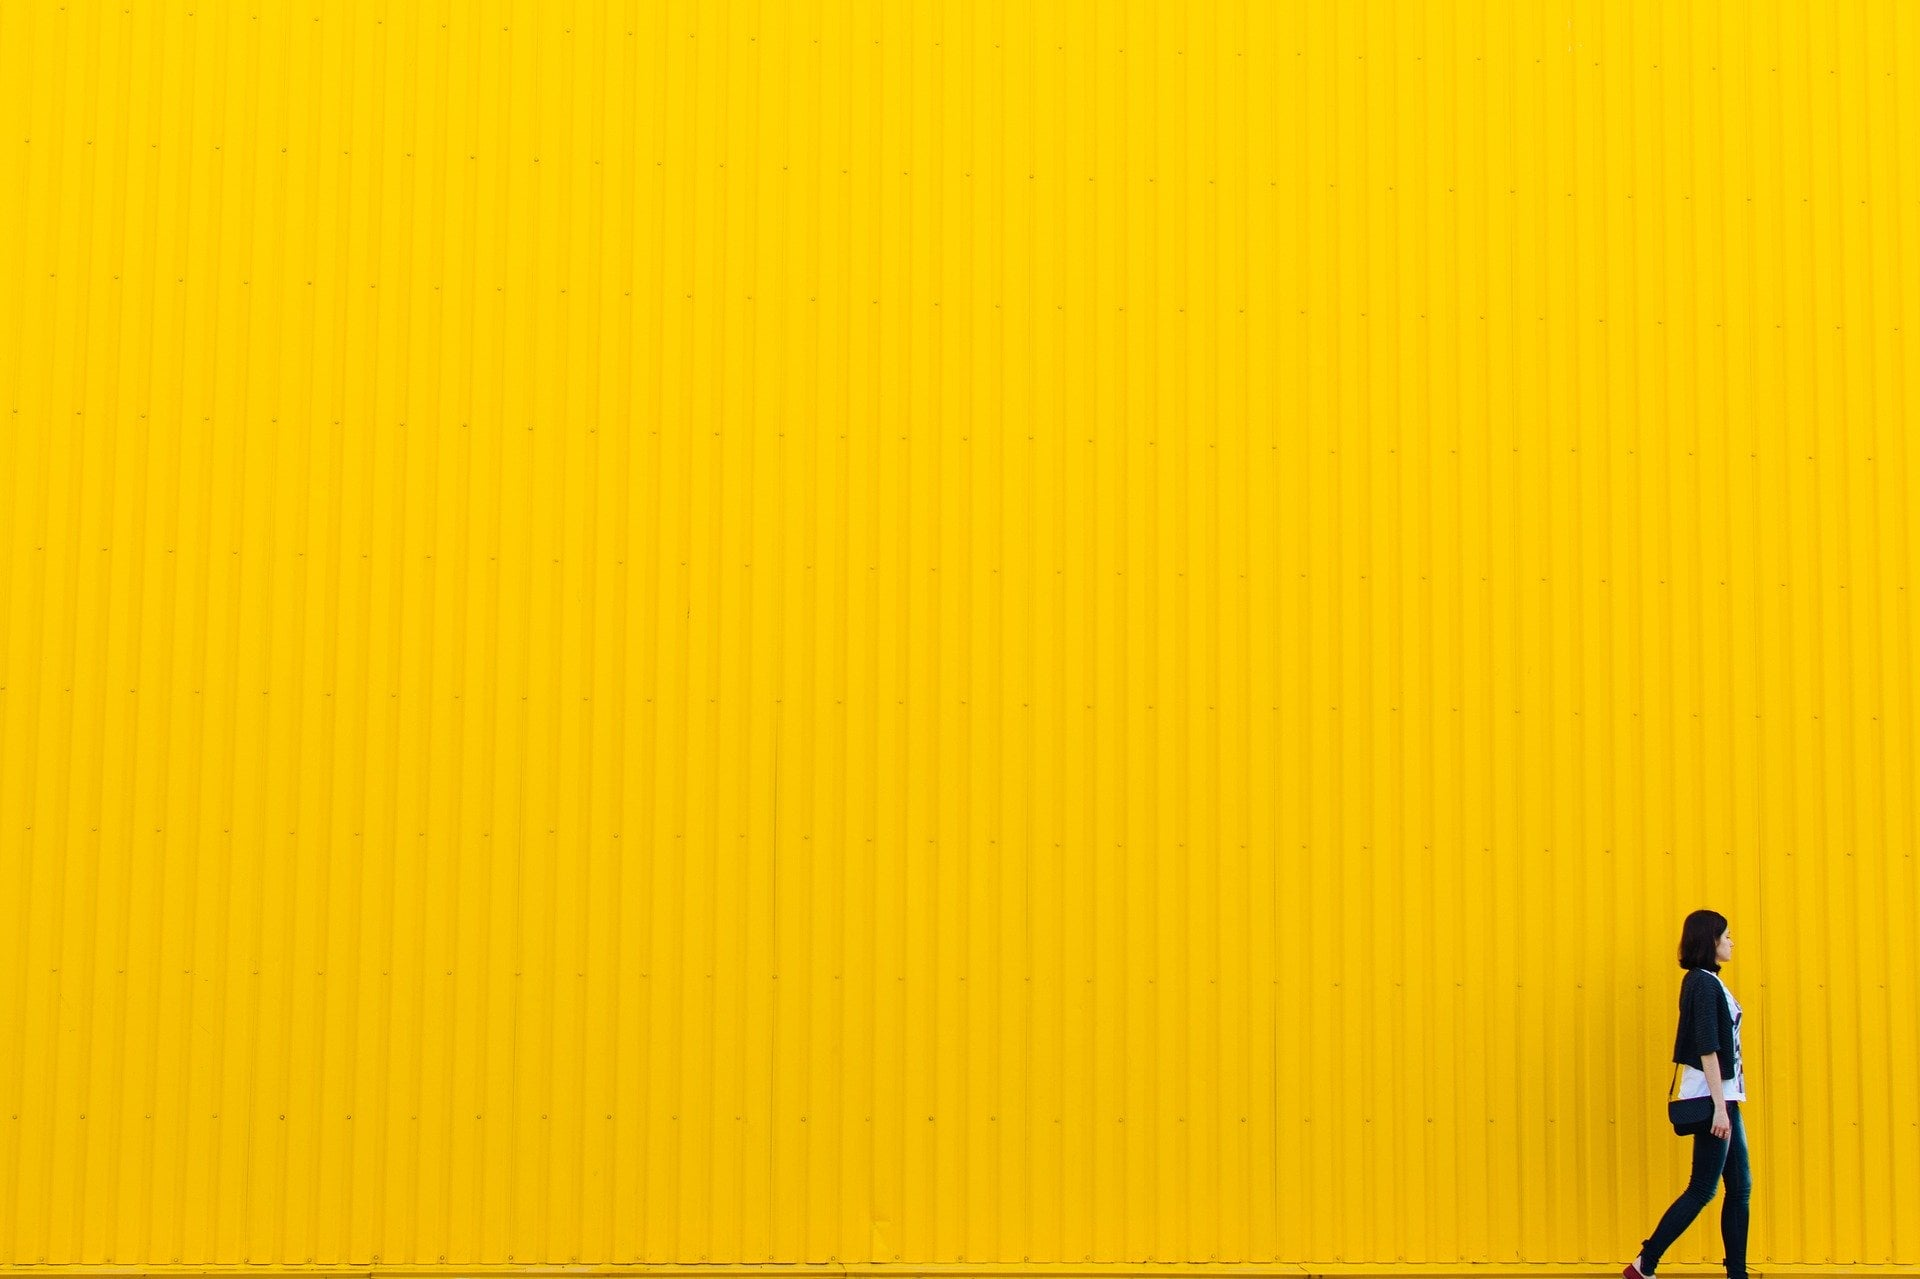 Persona caminando sobre una pared amarilla